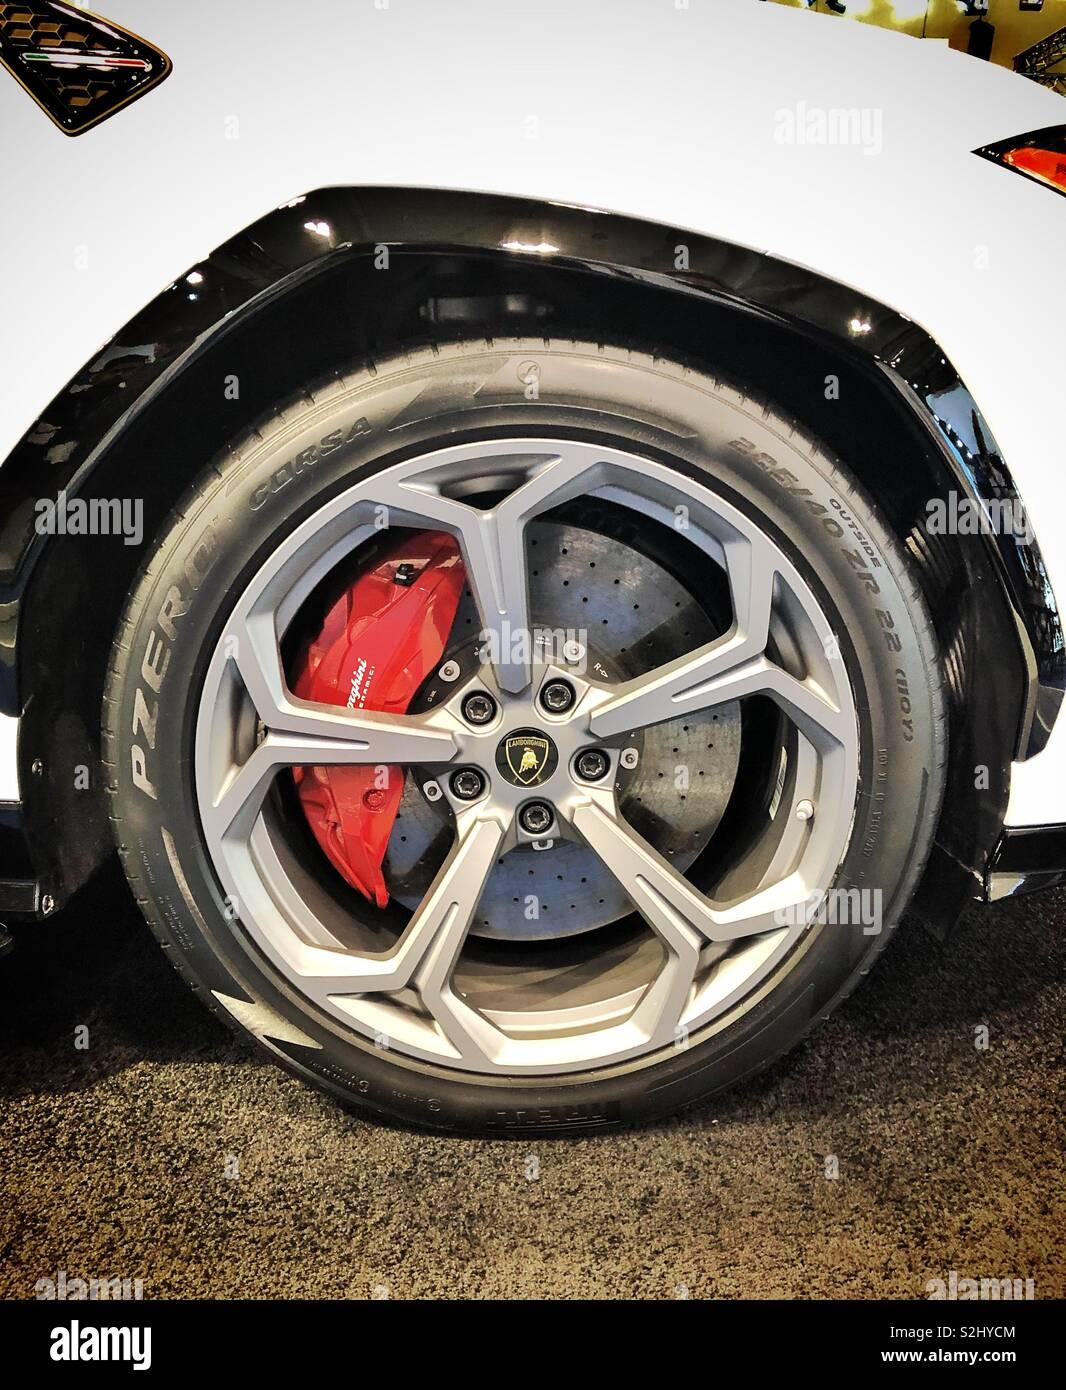 Lamborghini Urus, mayor producción de frenos y discos de freno nunca Imagen De Stock